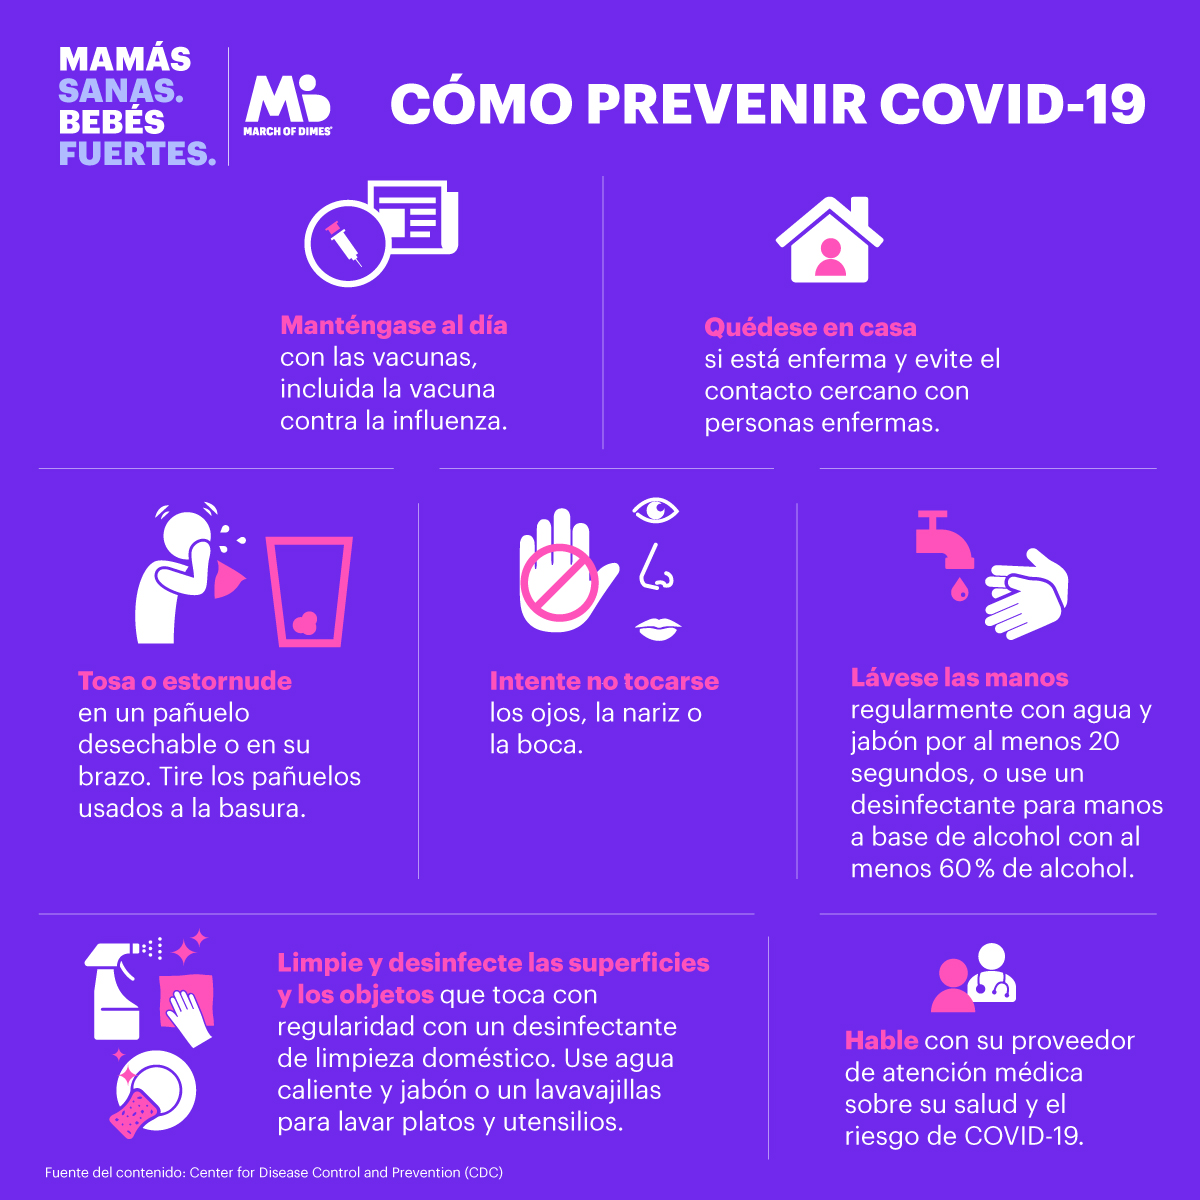 Qué puede hacer para ayudar a prevenir la enfermedad de coronavirus